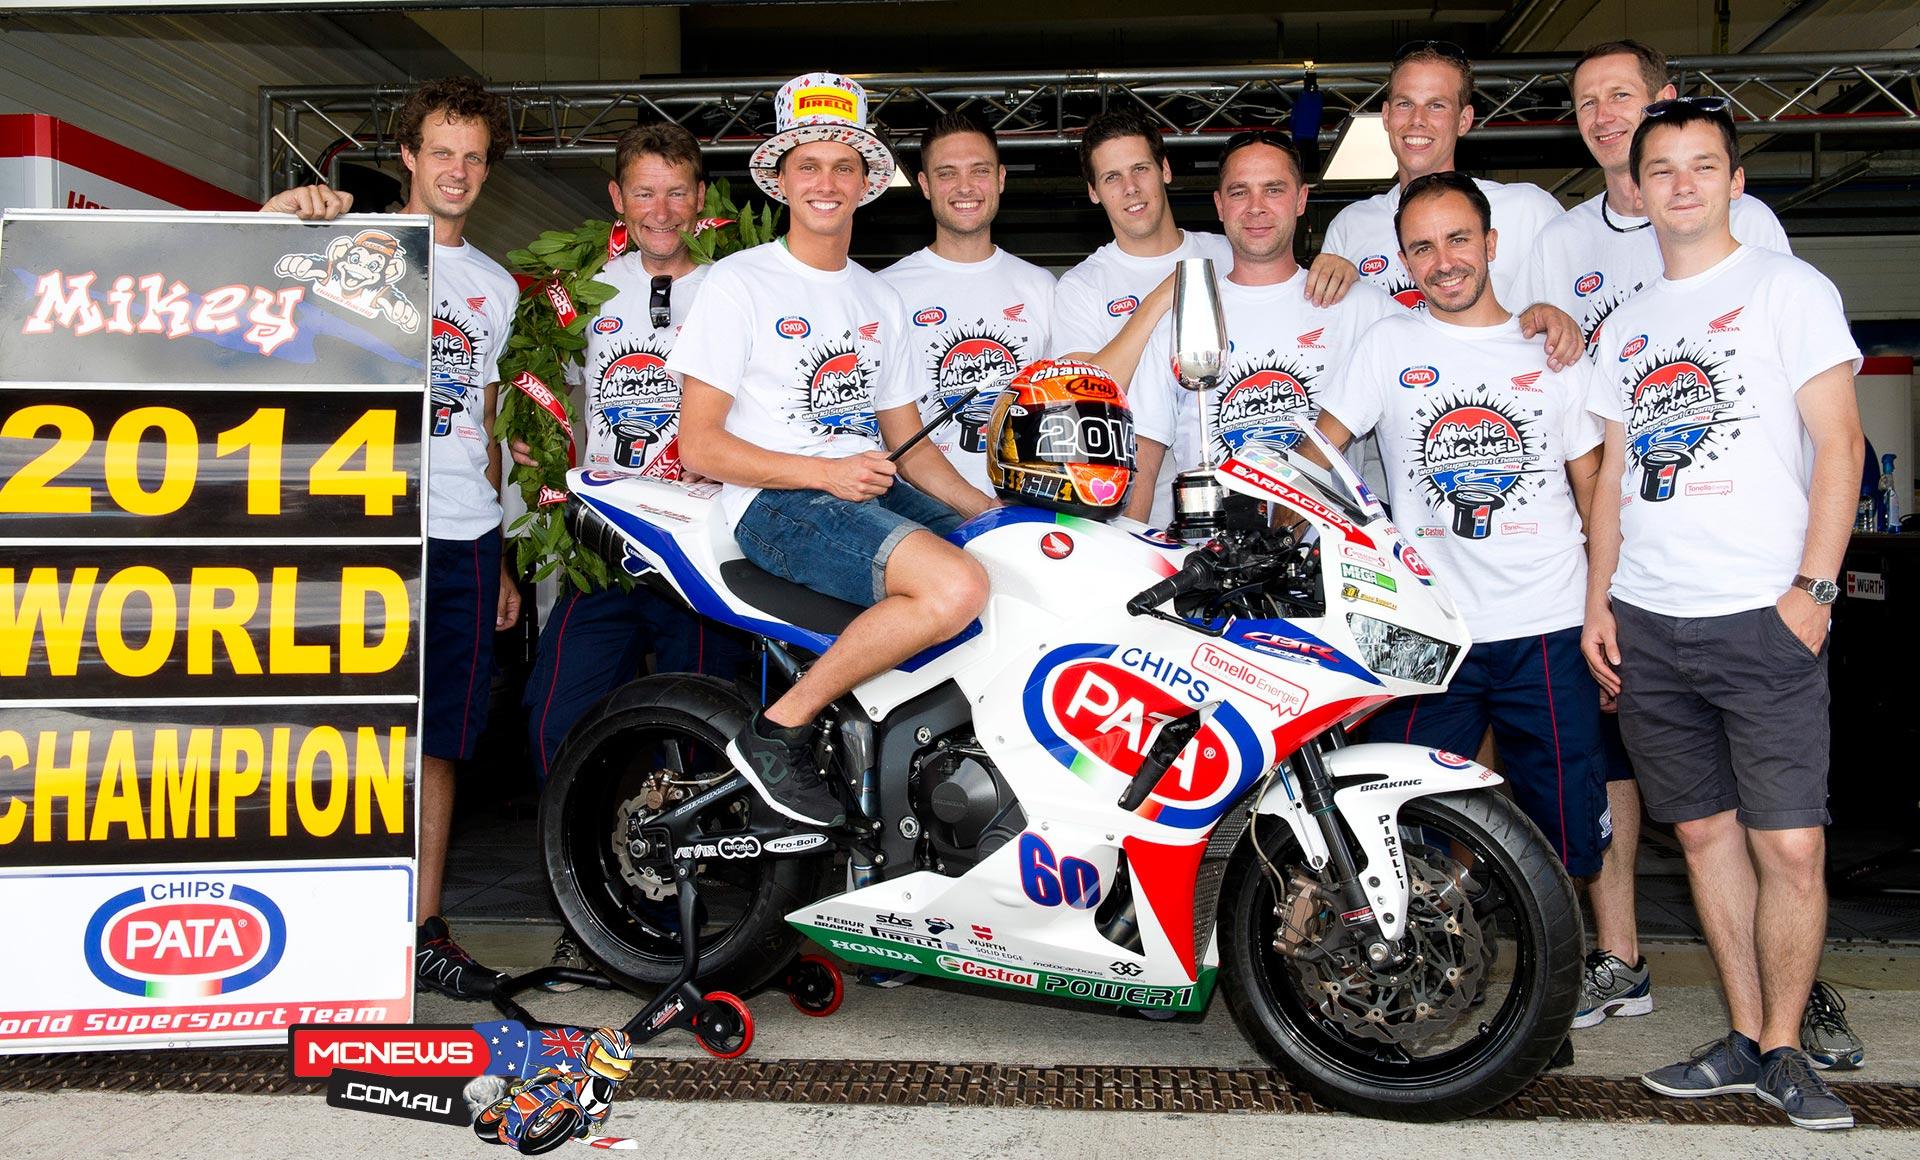 Michael Van der mark - 2014 World Supersport Champion